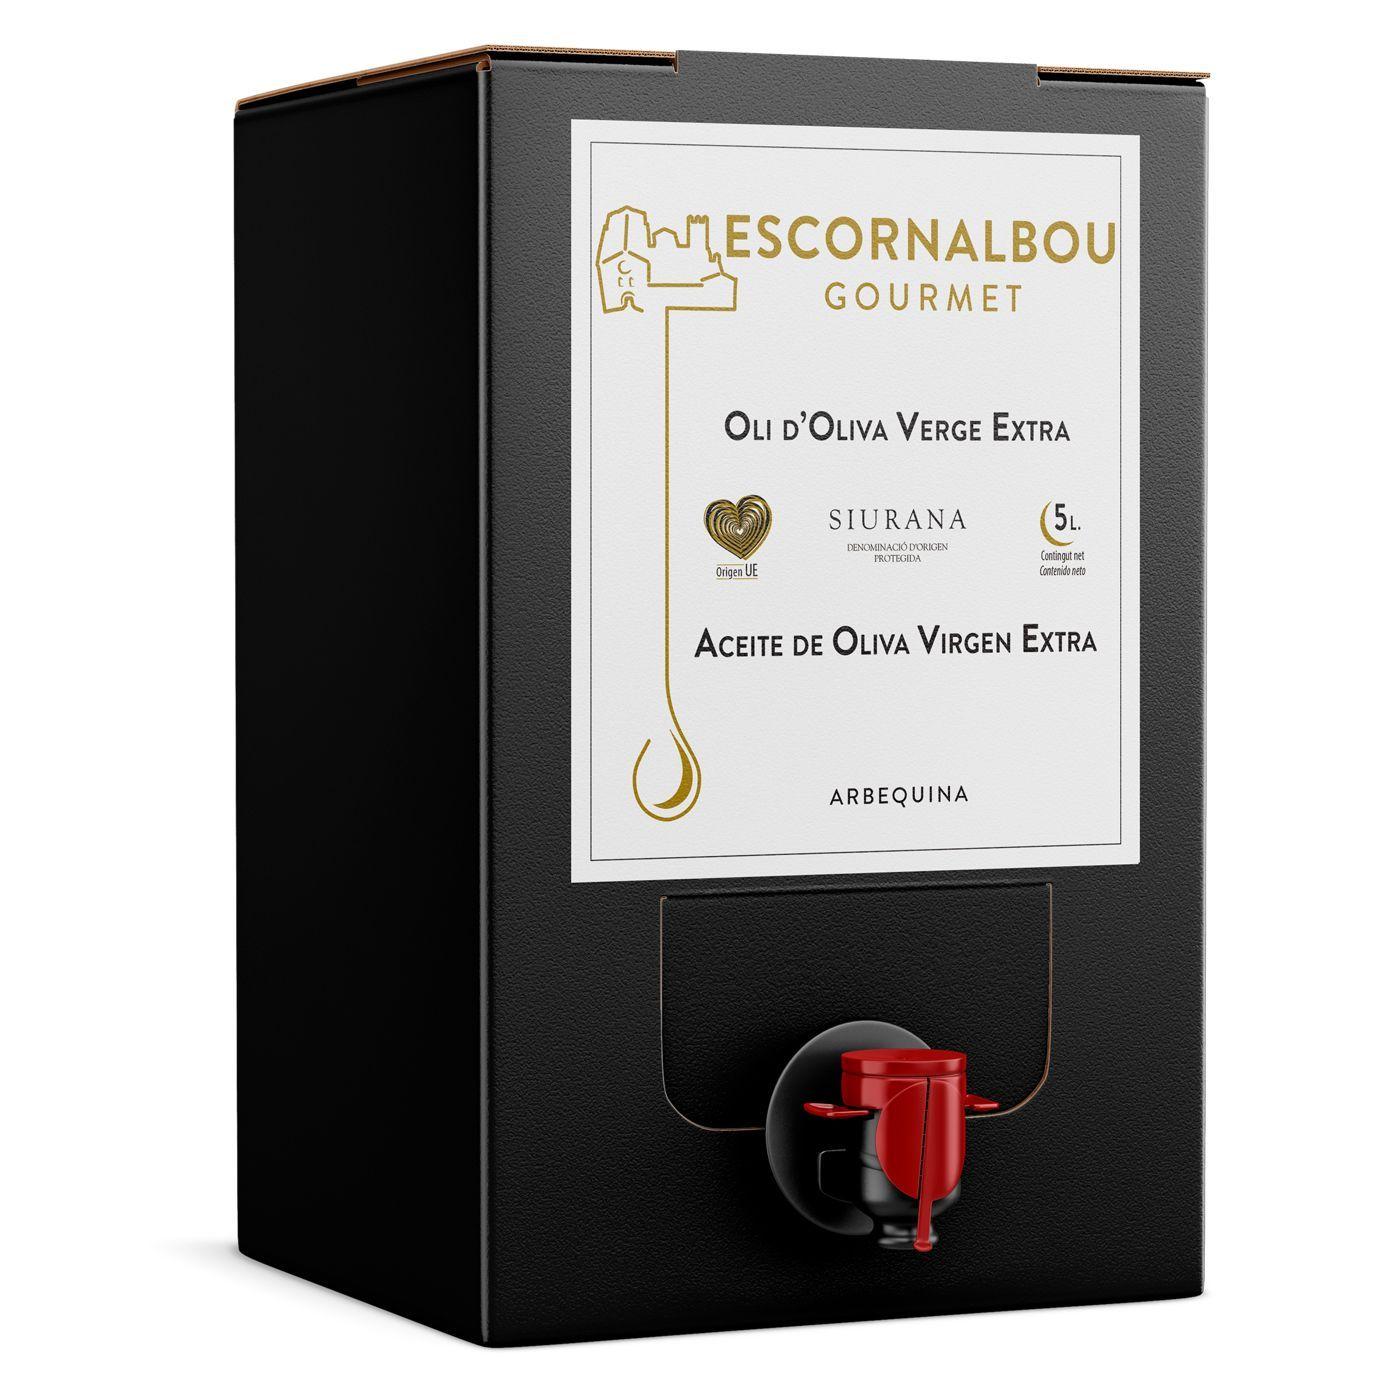 Comprar 5L Aceite De Oliva Virgen Extra 100% Arbequina - Bag In Box | Escornalbou Gourmet - Conserva tu AOVE en óptimas condiciones durante más tiempo con el envase BIB. Como si lo abrieras por primera vez cada vez que lo usas.